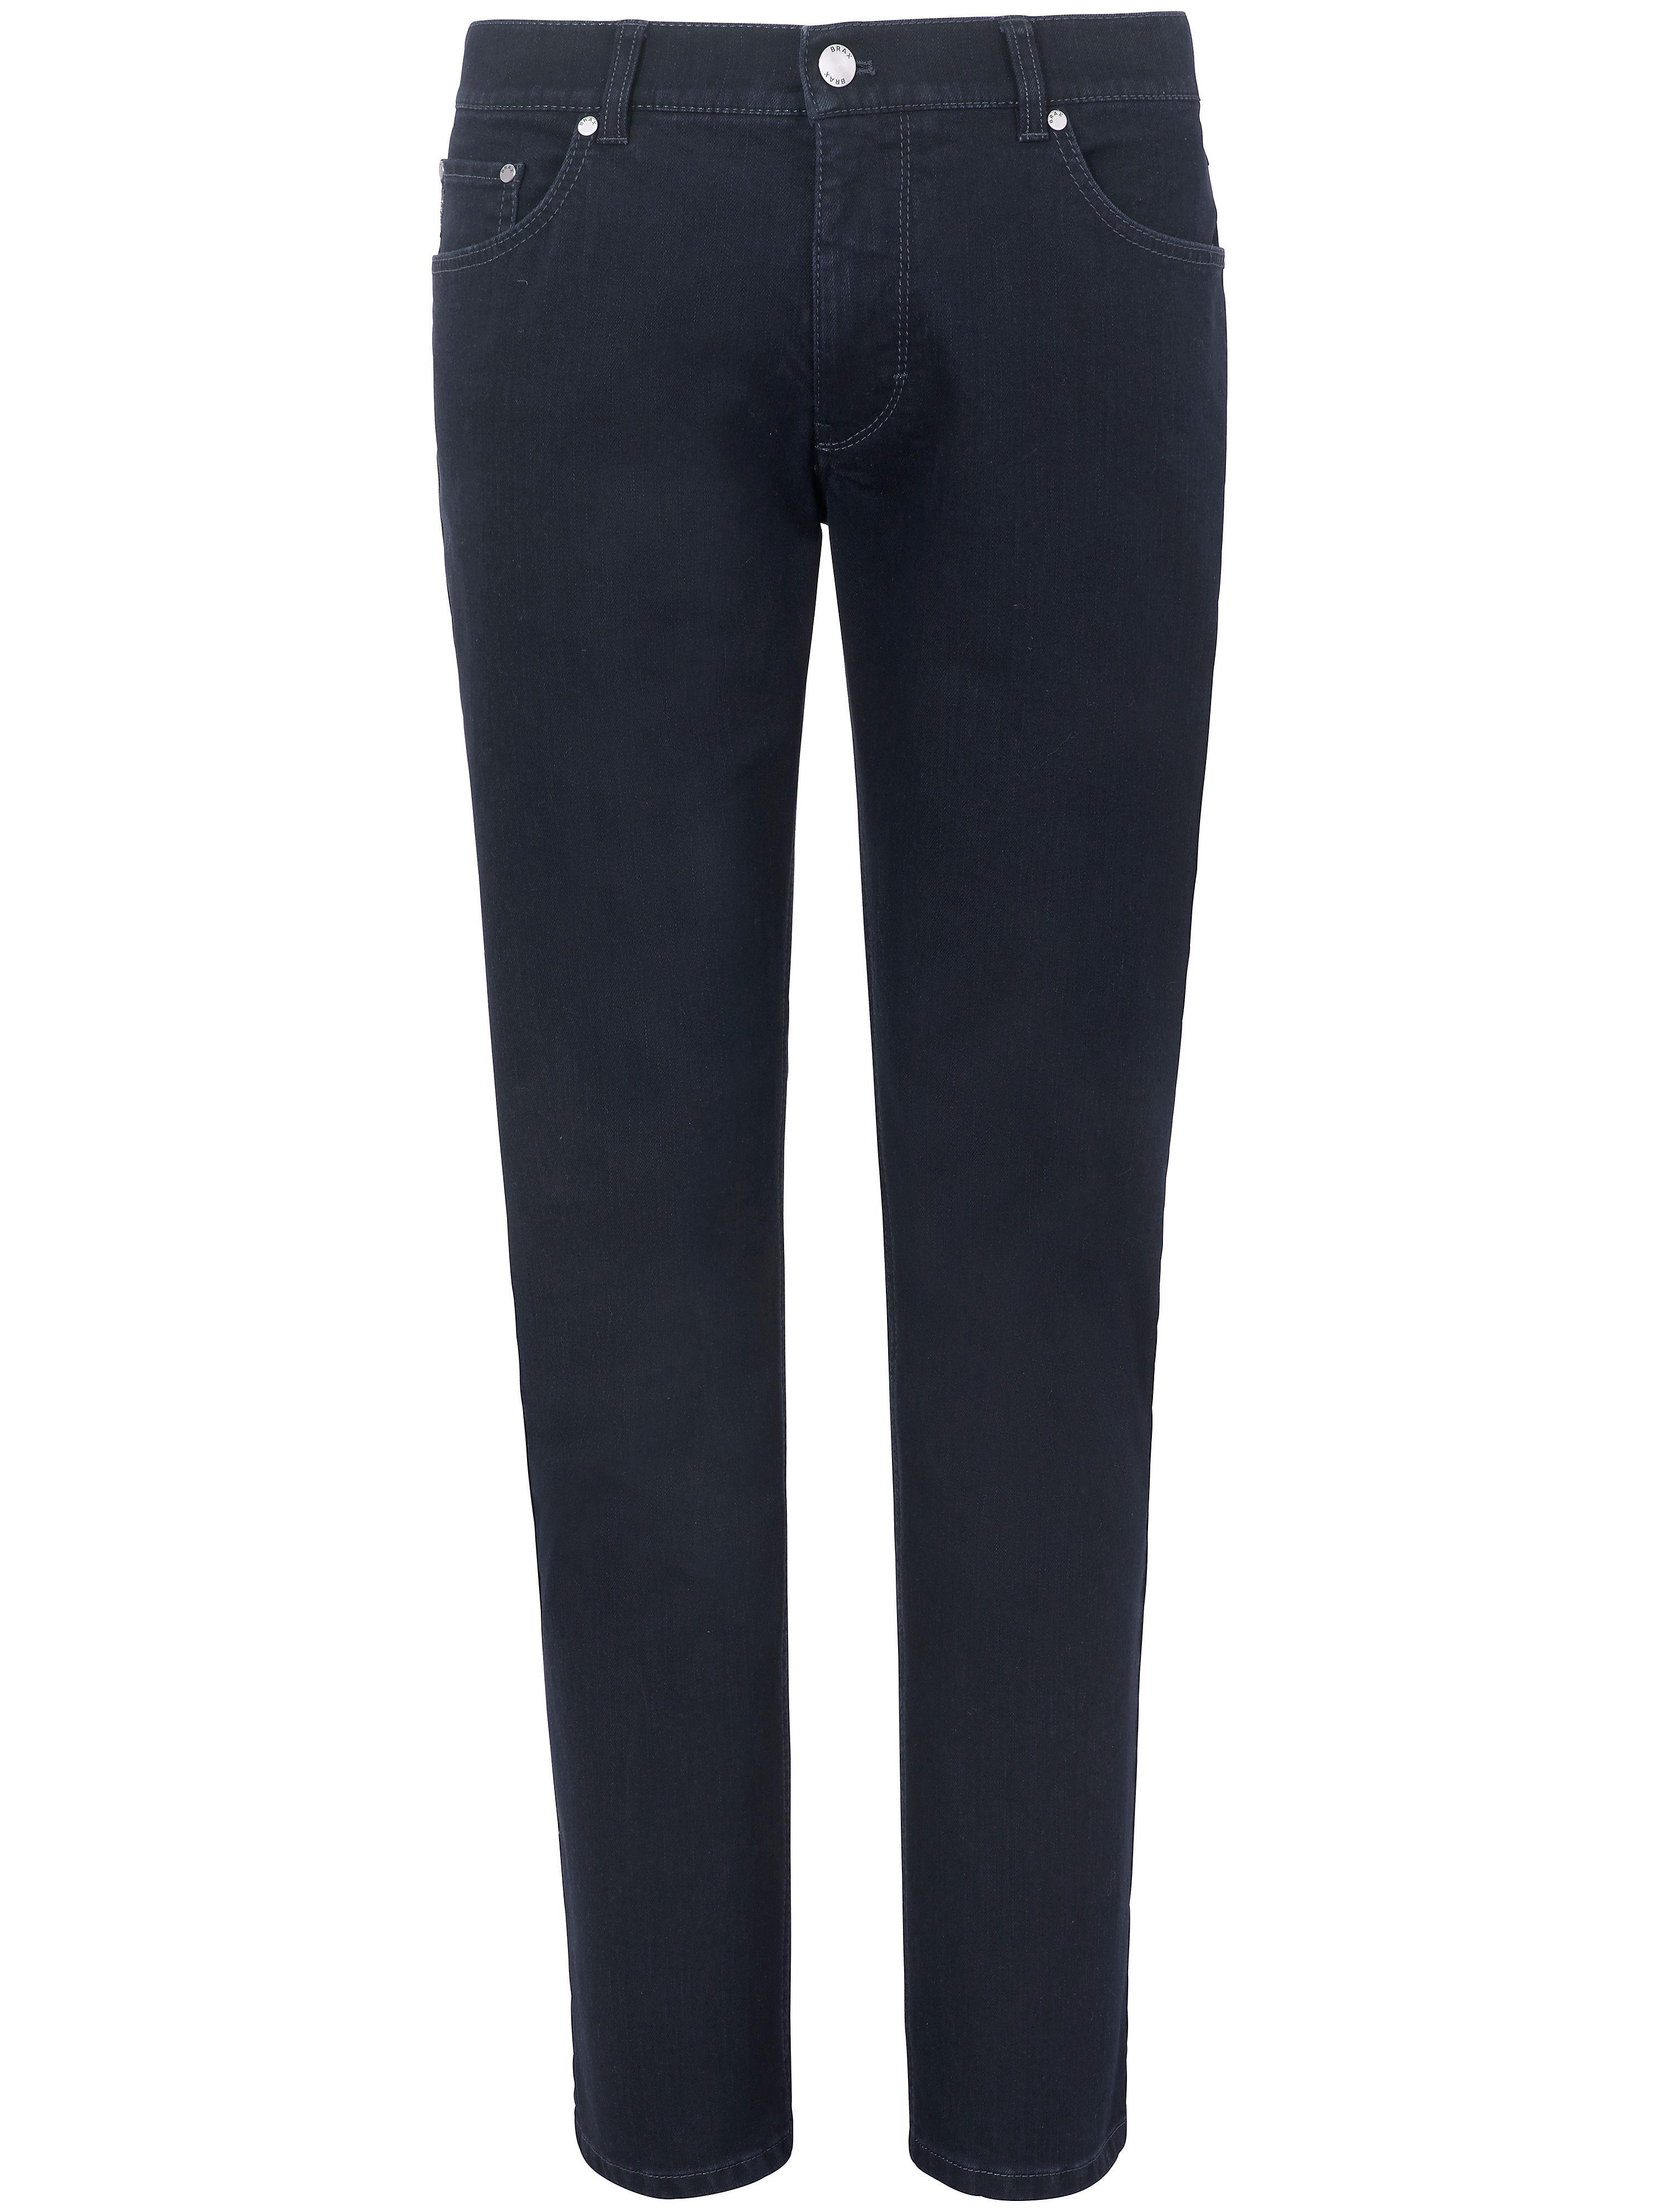 Jeans model Cooper denim Van Brax Feel Good blauw